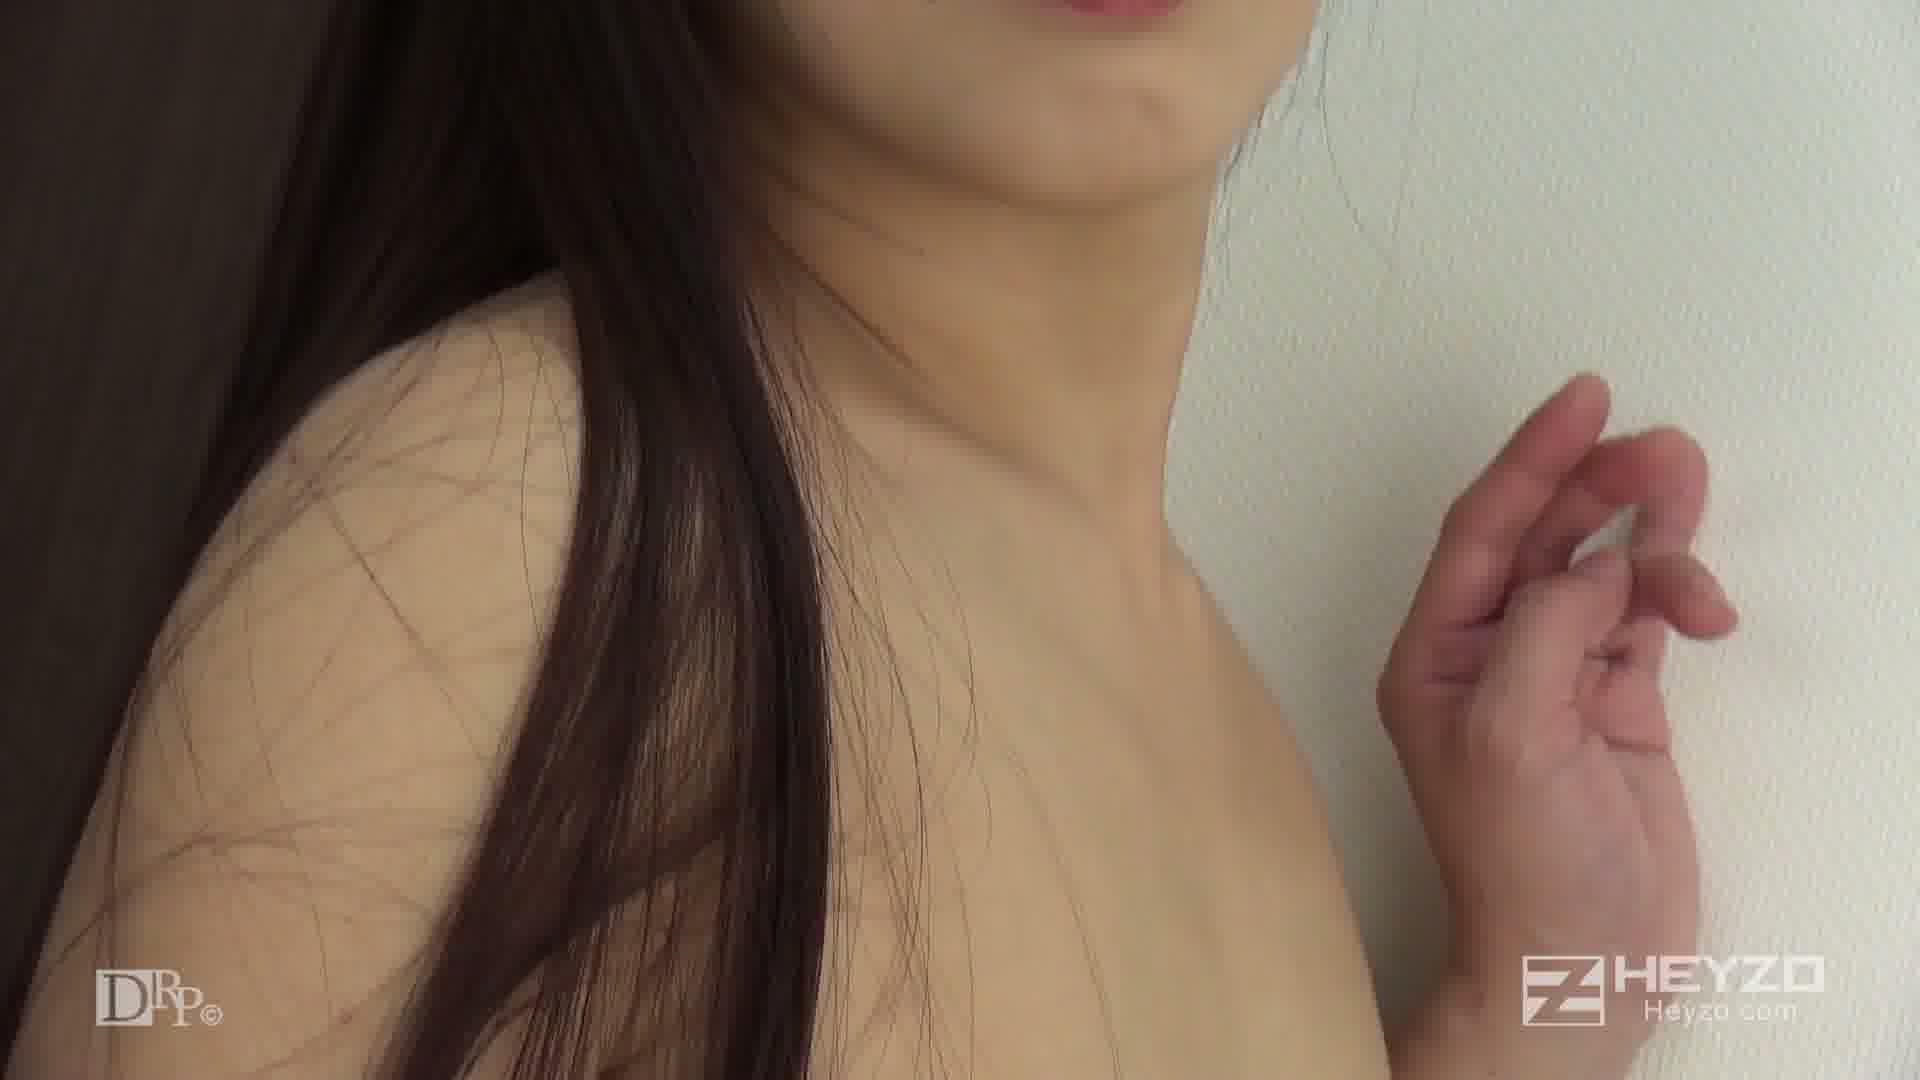 マン汁で汚しちゃった。。。~下着の試着で濡れちゃった人妻~ - 冴木真子【フェラ オナニ 手こき 射精】